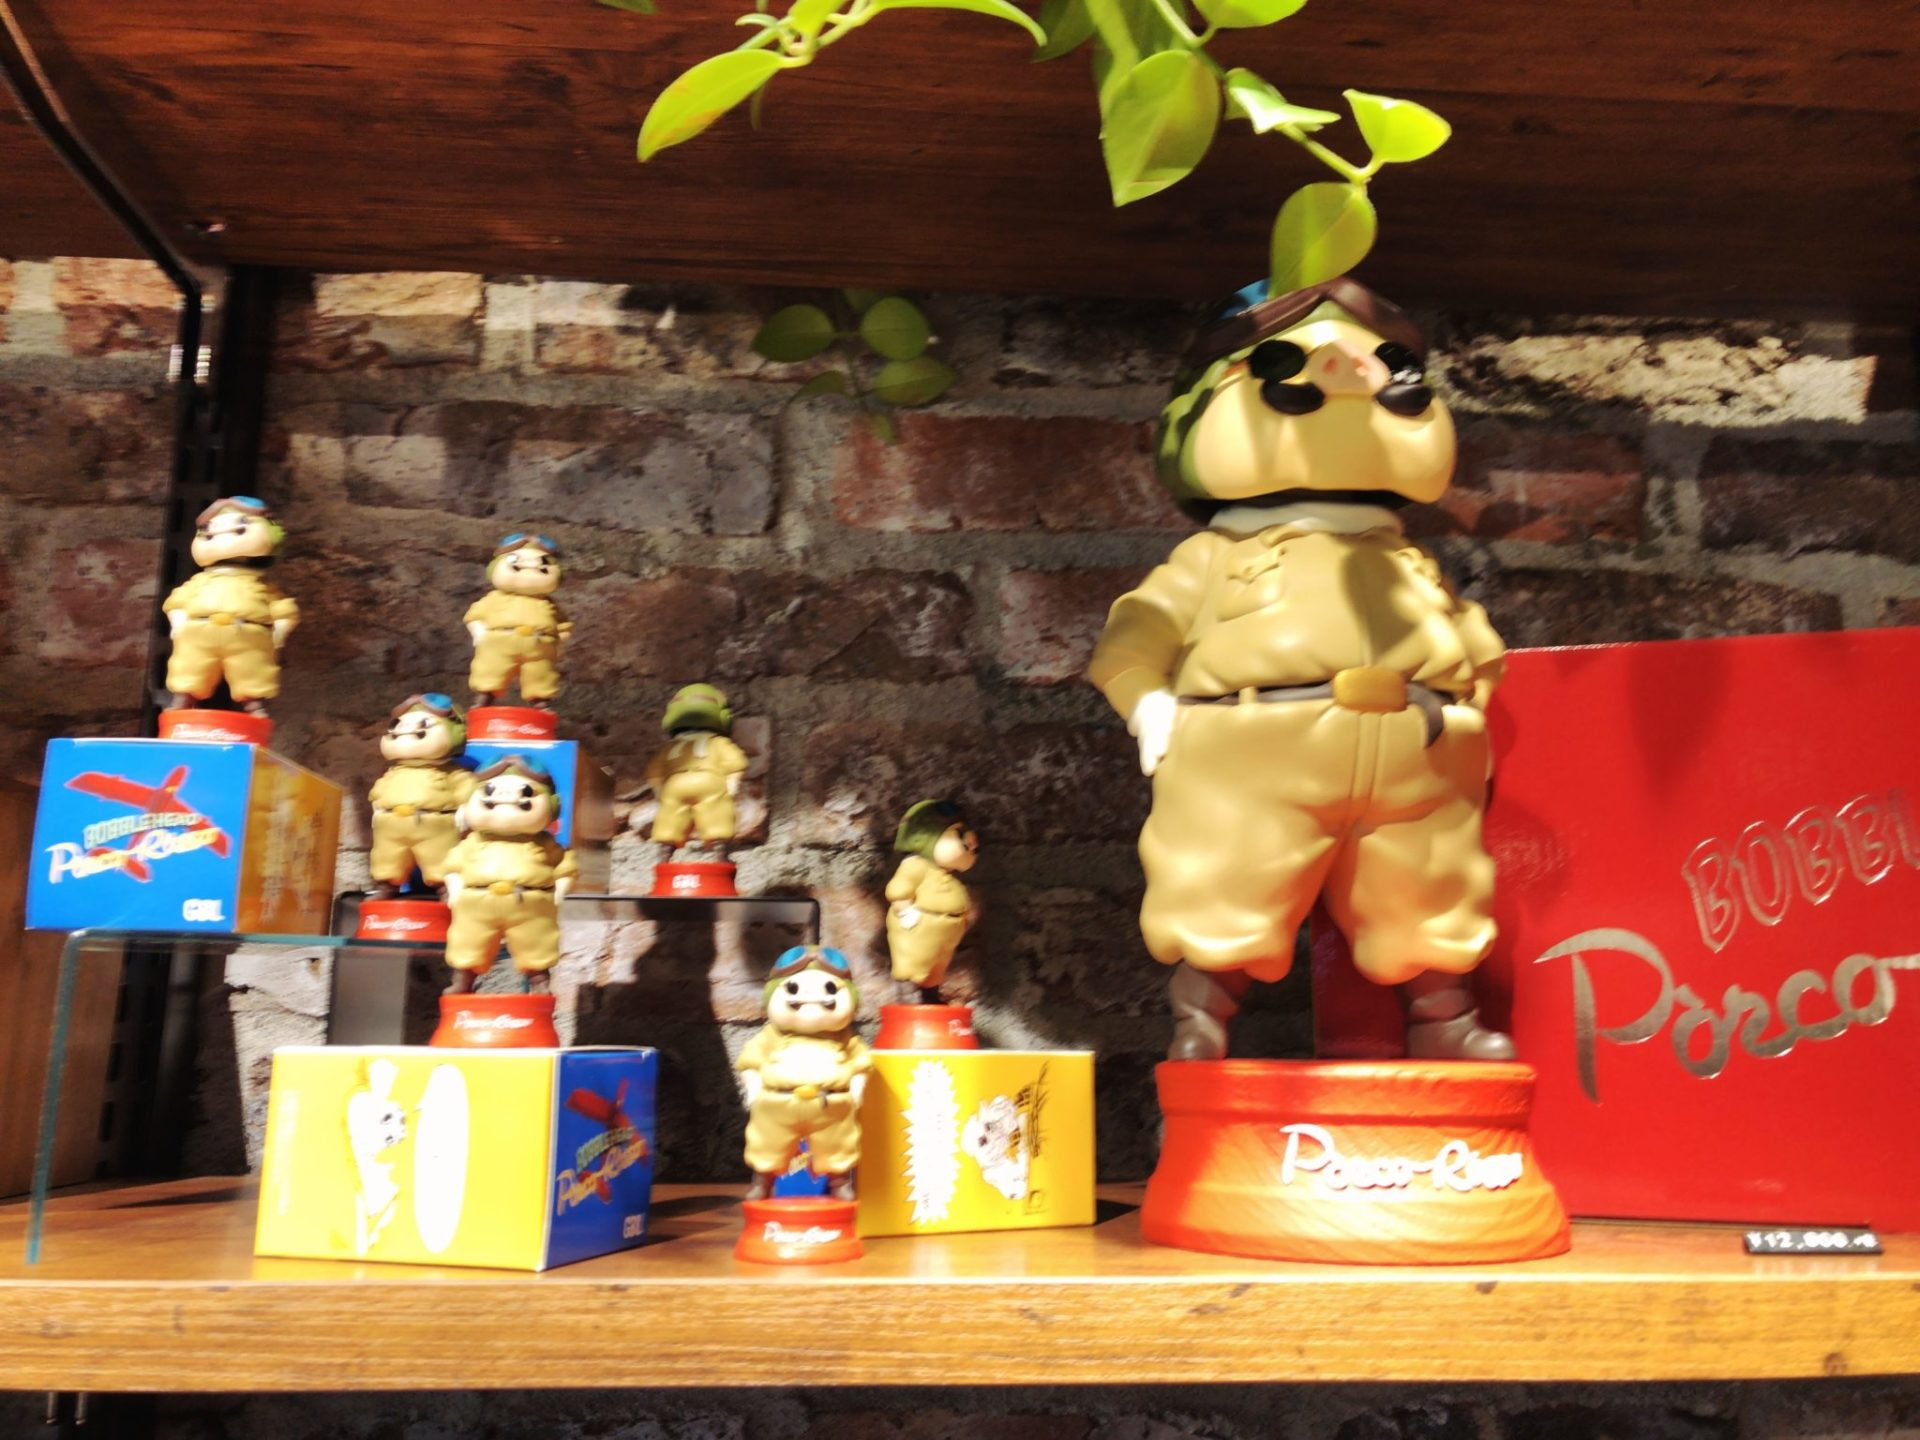 GBL ミヤシタパーク店で販売している紅の豚ポルコの人形